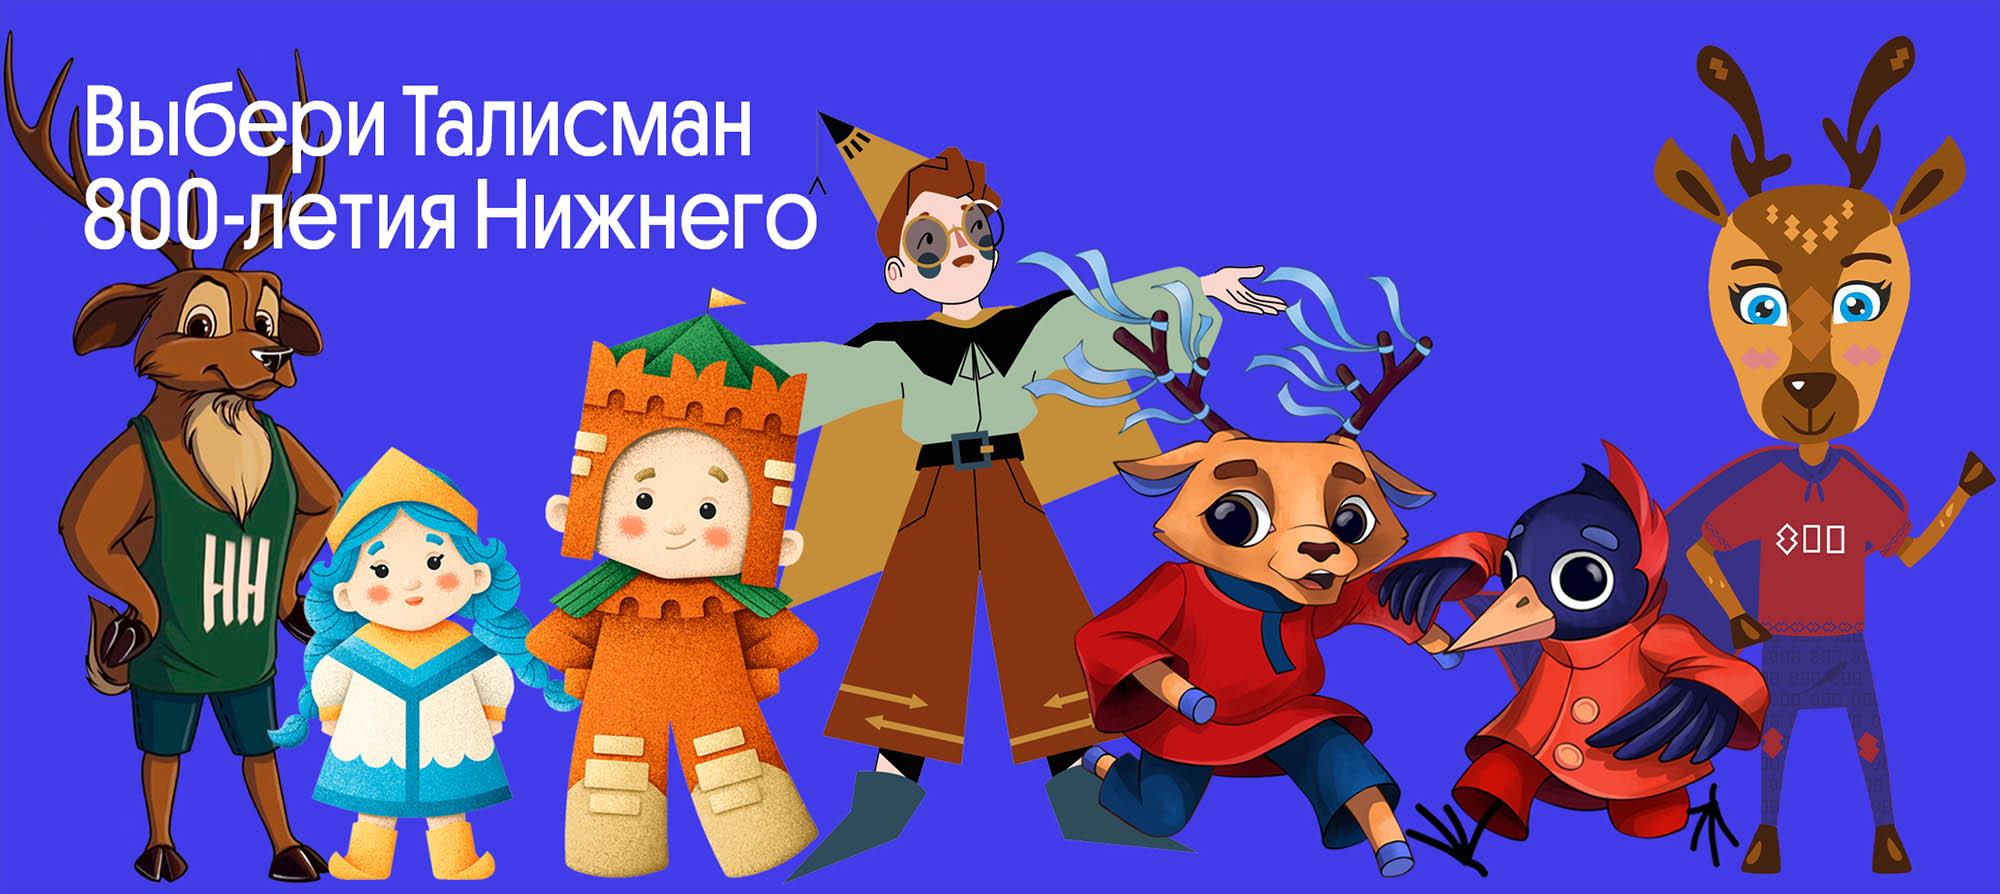 В Нижнем Новгороде стартовало голосование за талисман 800-летия города